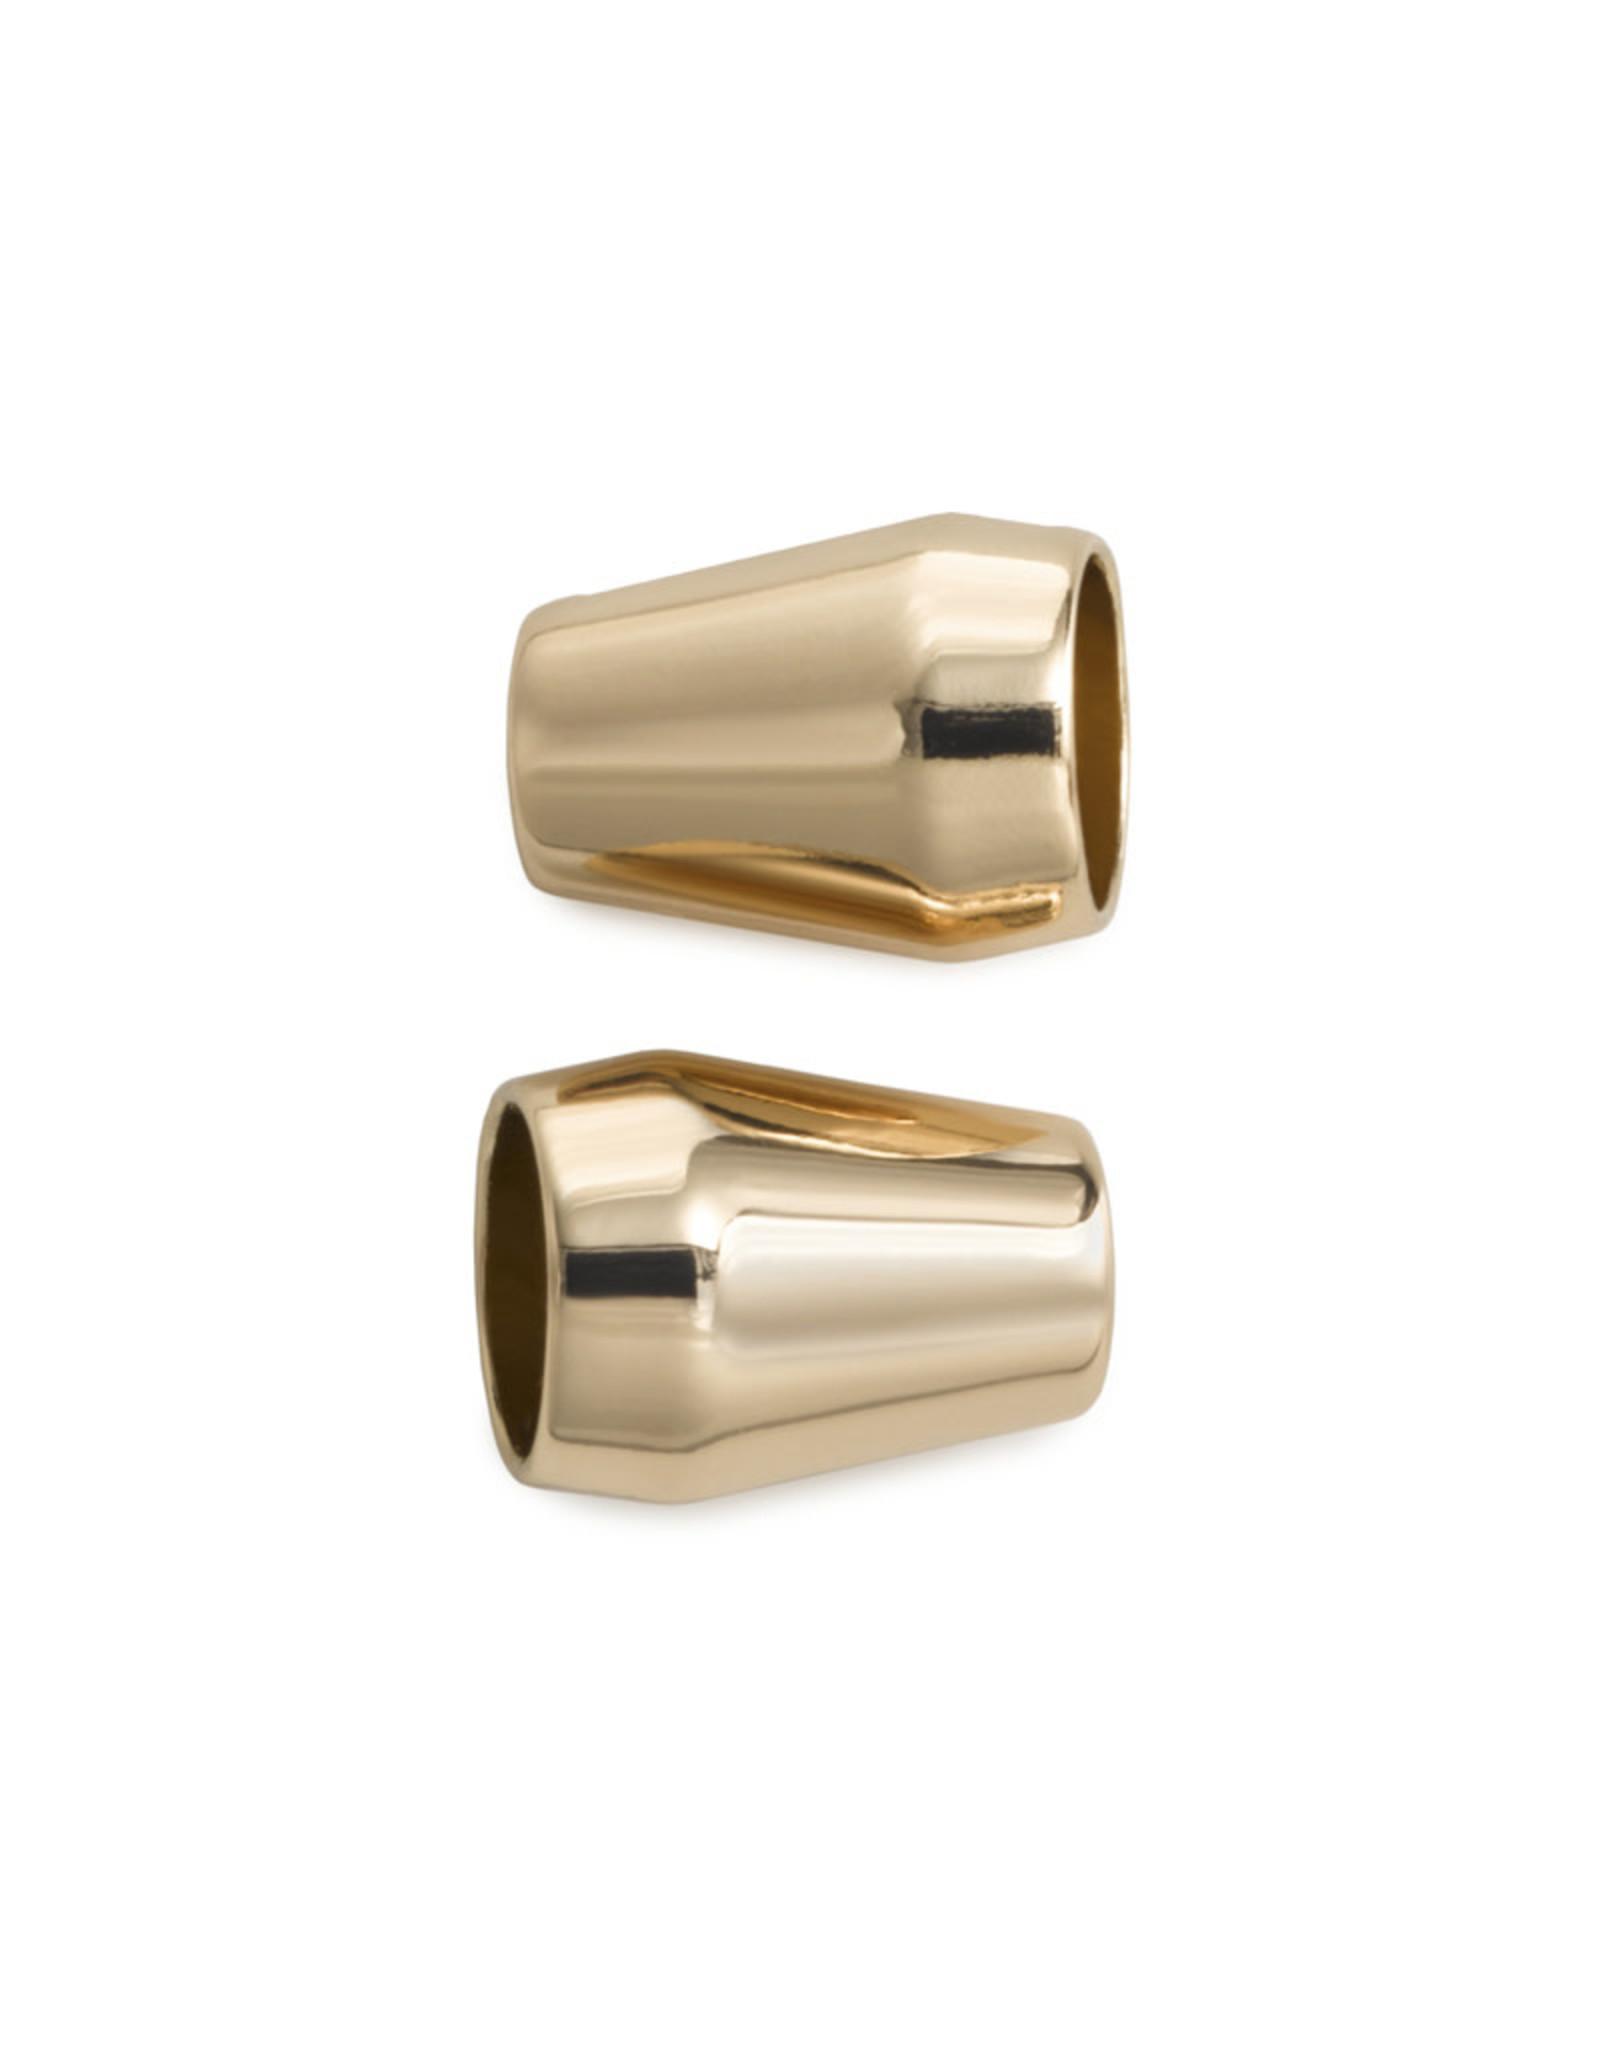 Prym Prym Koordeinden kegelvormig new gold (2st)